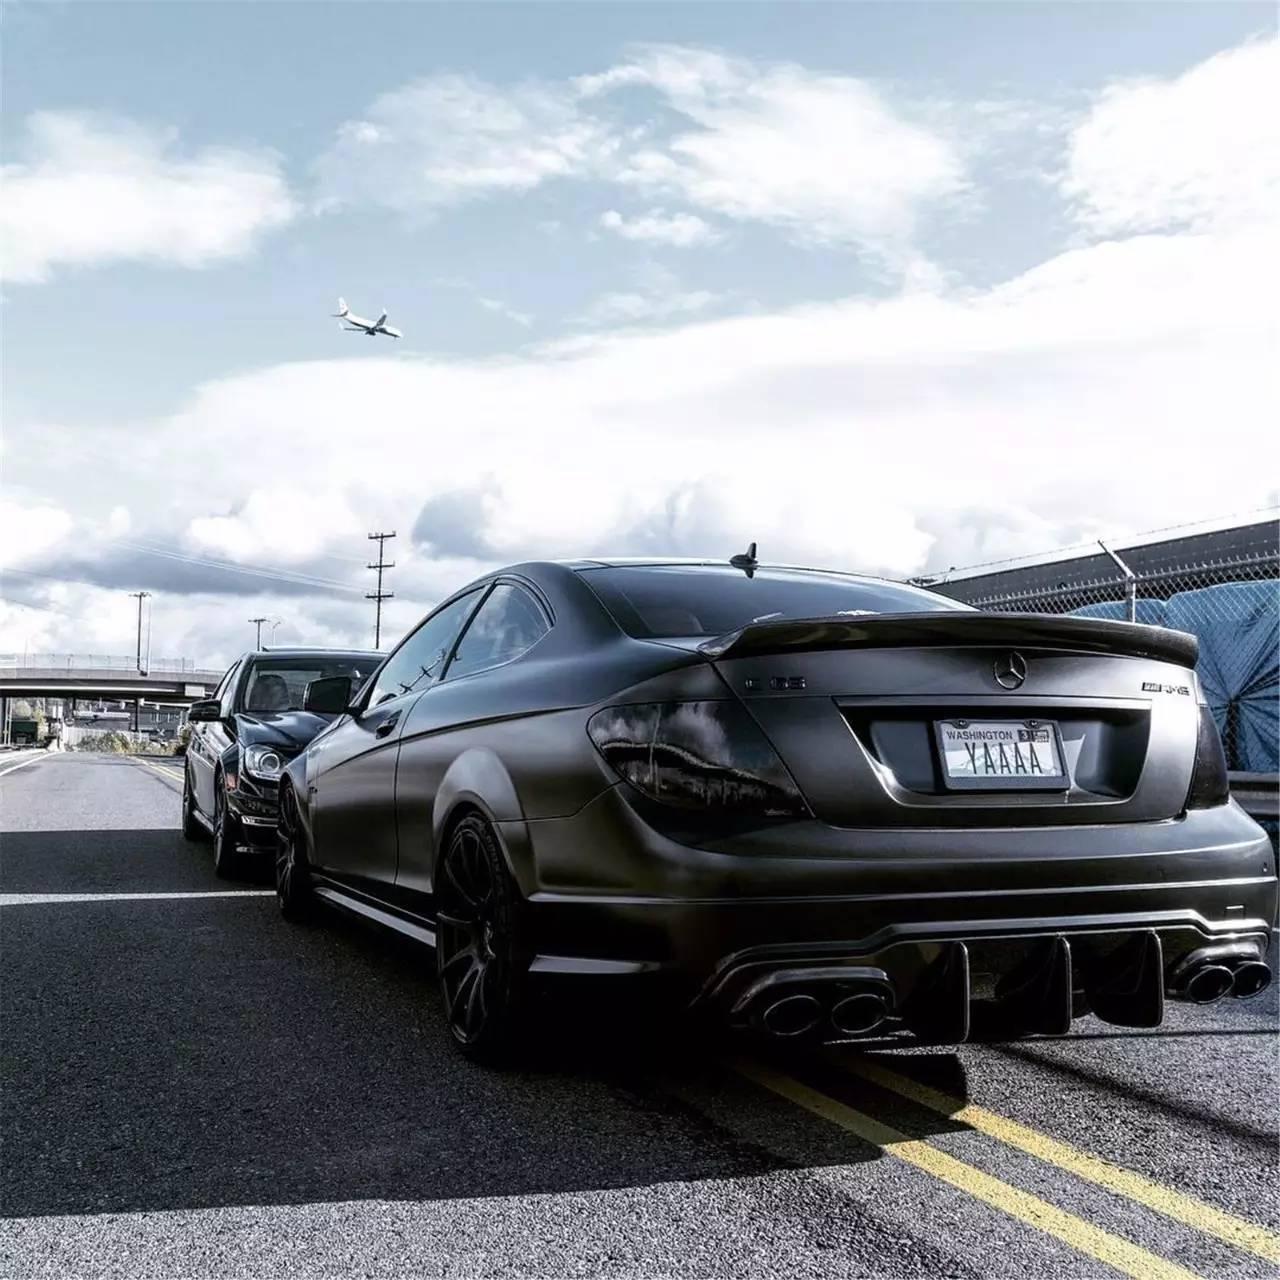 c63 amg改装_来自德国的黑衣杀手 奔驰C63 AMG改装案例-新浪汽车